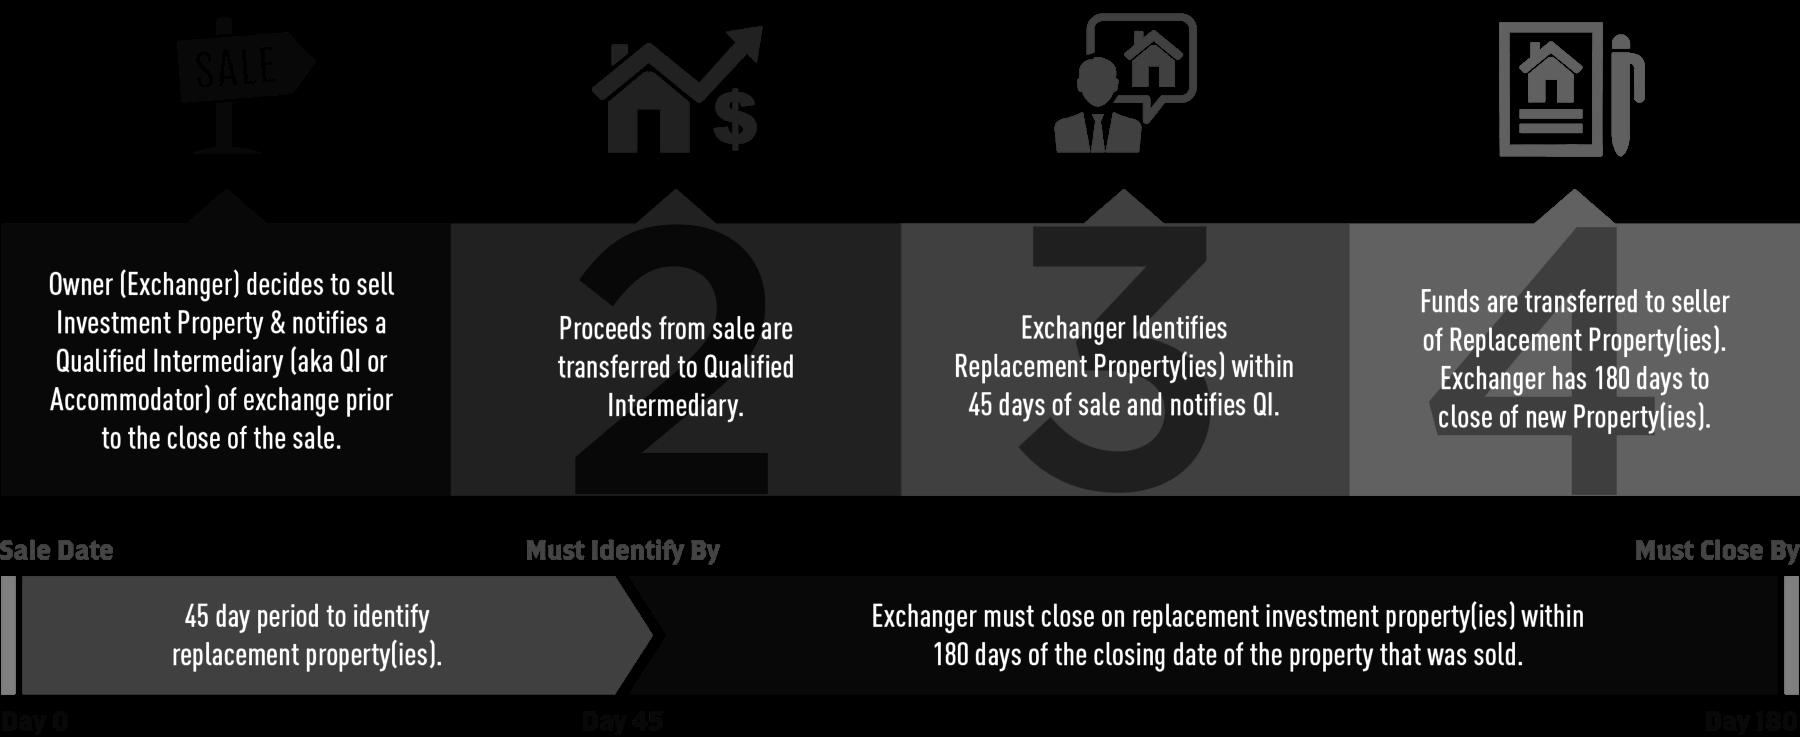 1031 Exchange Rules - échange avec report d'impôt